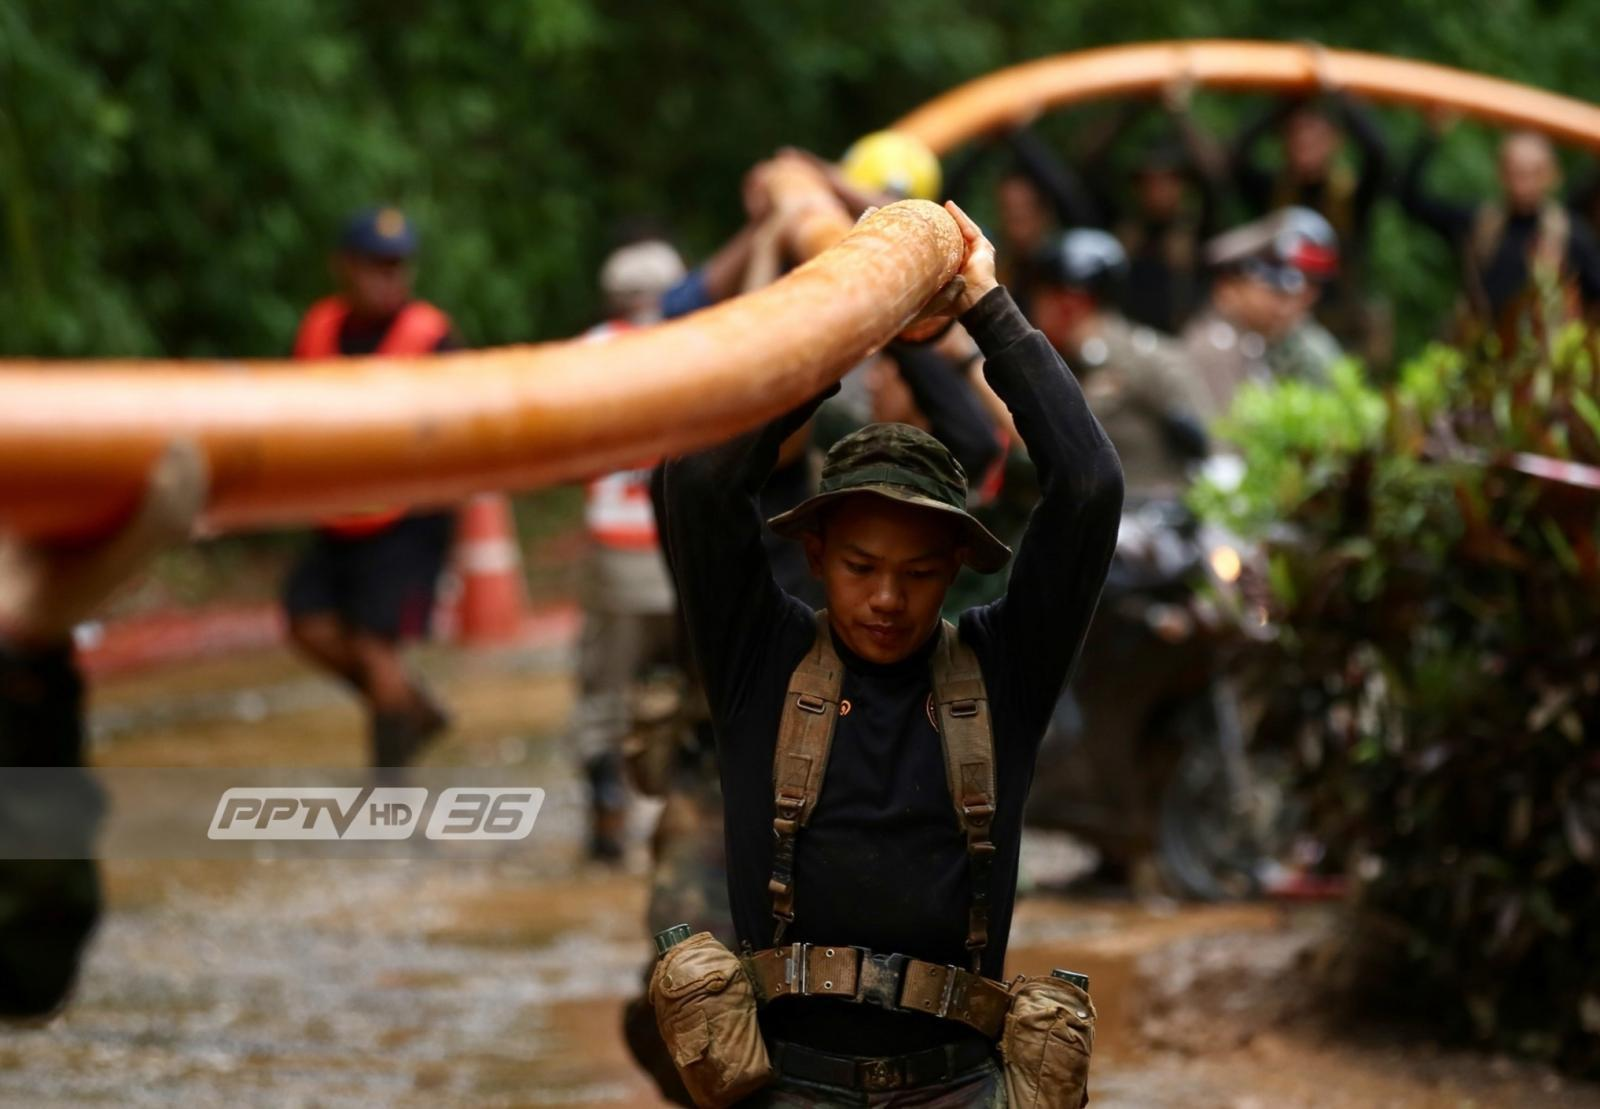 สมเด็จพระเจ้าอยู่หัว ทรงรับสั่งกองทัพถอดบทเรียนแผนช่วย 13 ชีวิตติดถ้ำหลวง